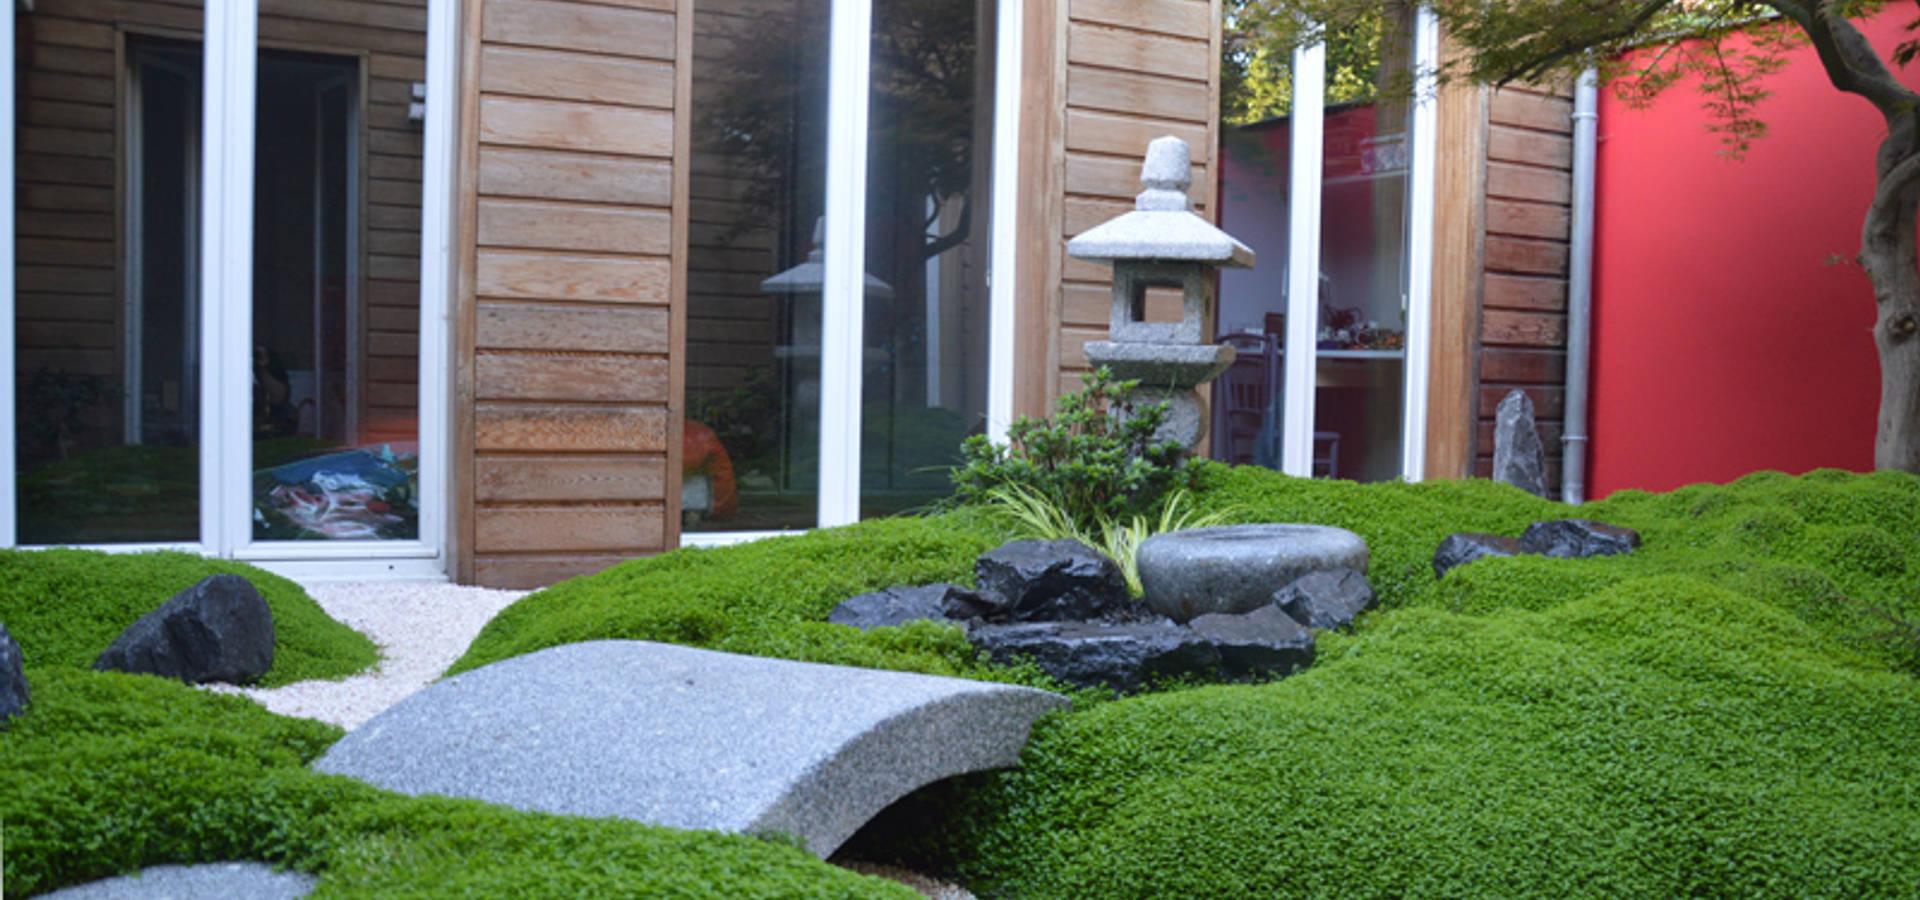 Jardin japonais bassin von JARDIN JAPONAIS | homify